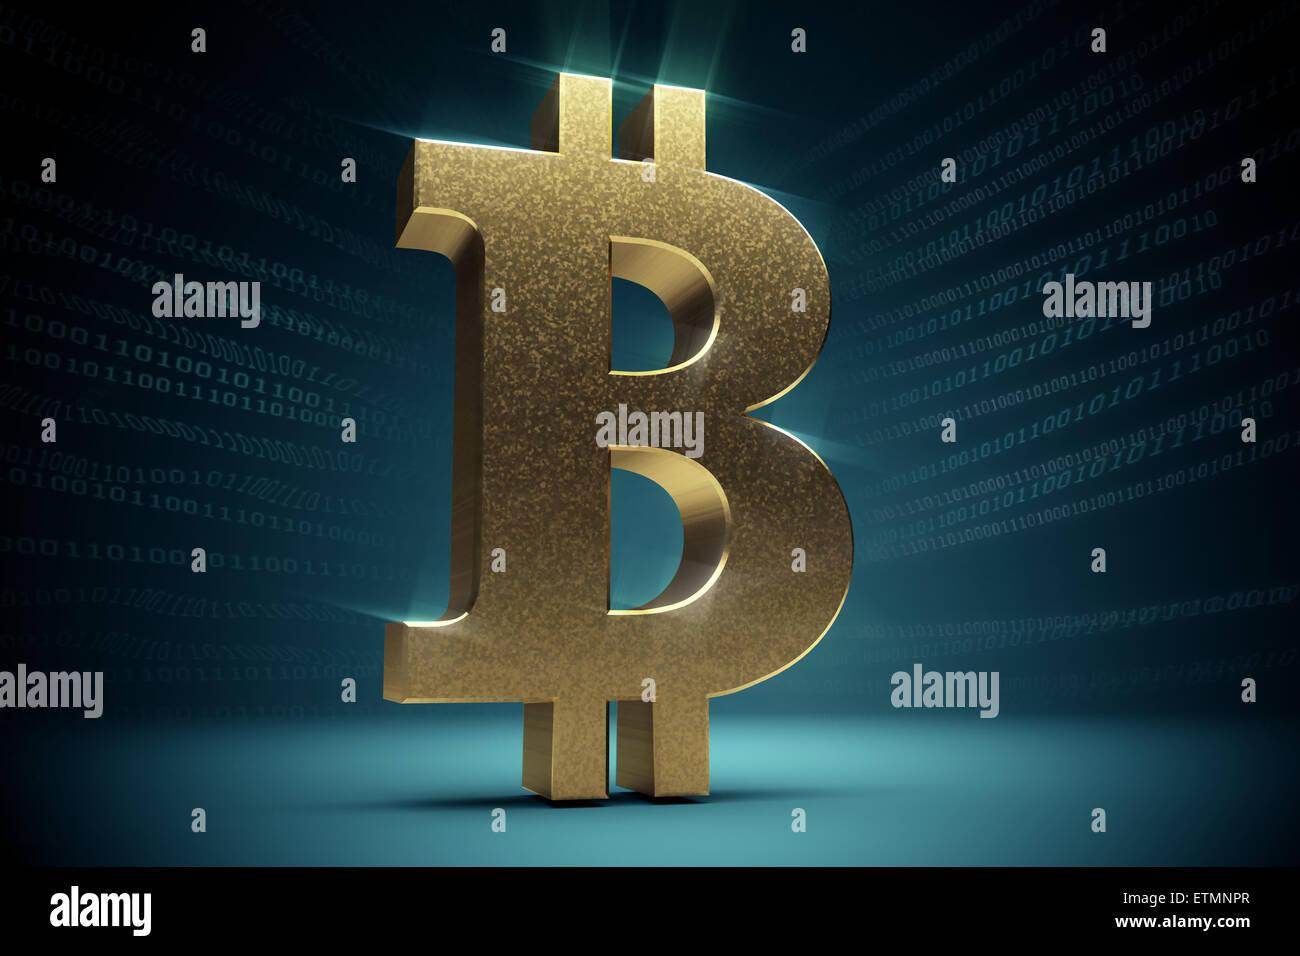 Stilisierte Darstellung von Bitcoin, eine digitale Währung. Stockbild